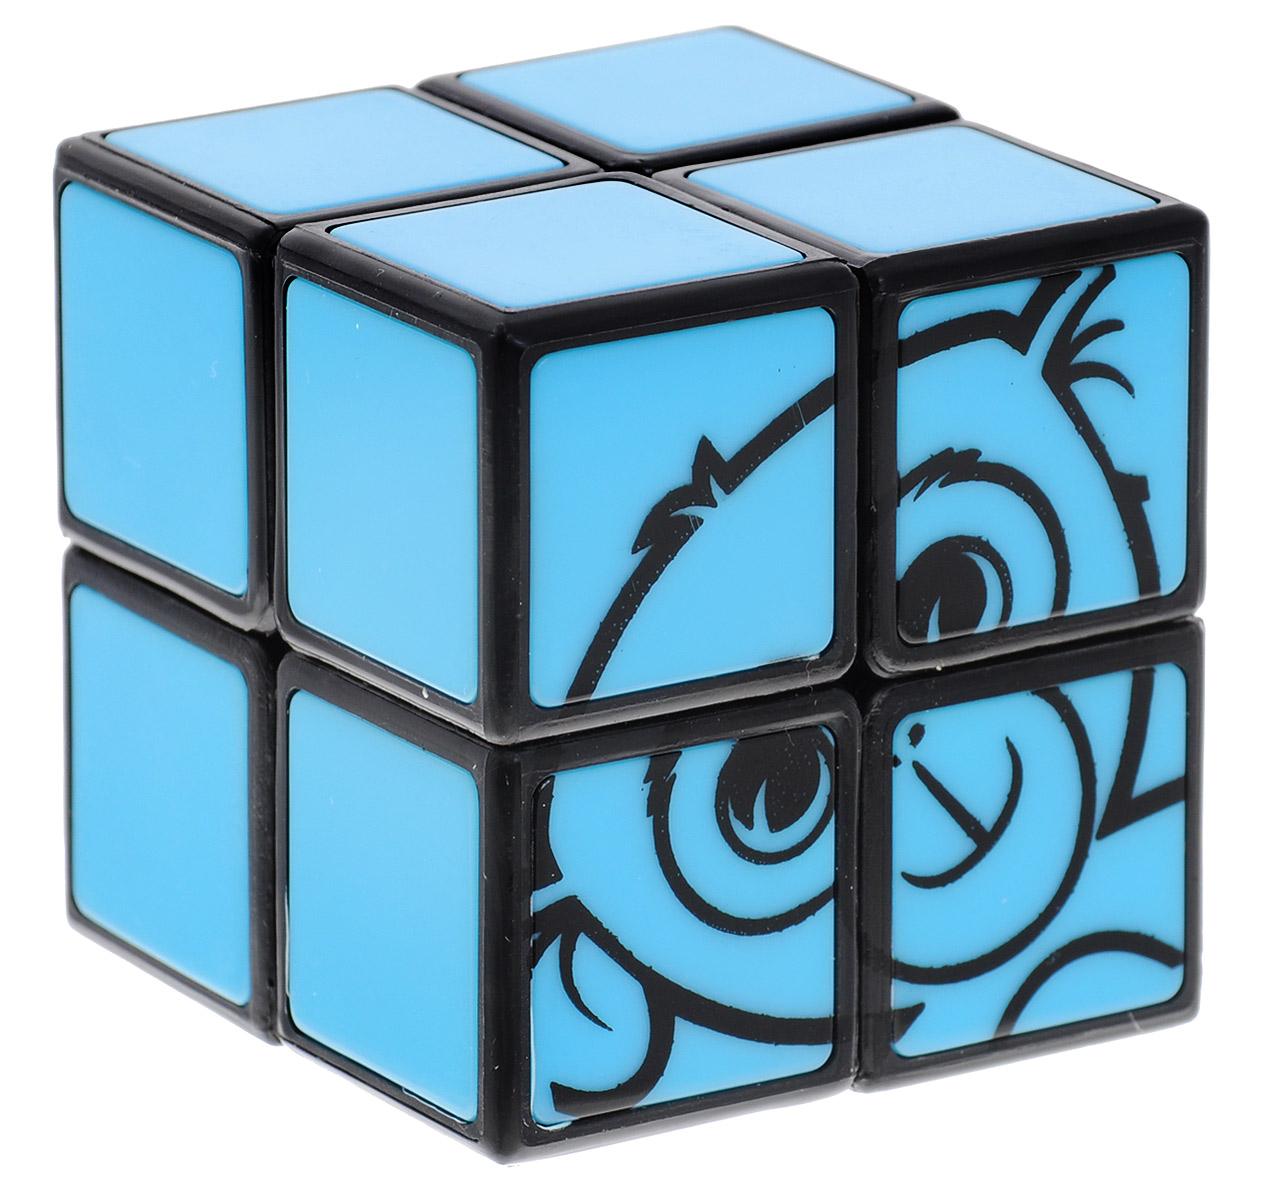 Rubik's Головоломка Кубик Рубика 2х2 цвет голубой желтый игра головоломка rubiks кубик рубика 2х2